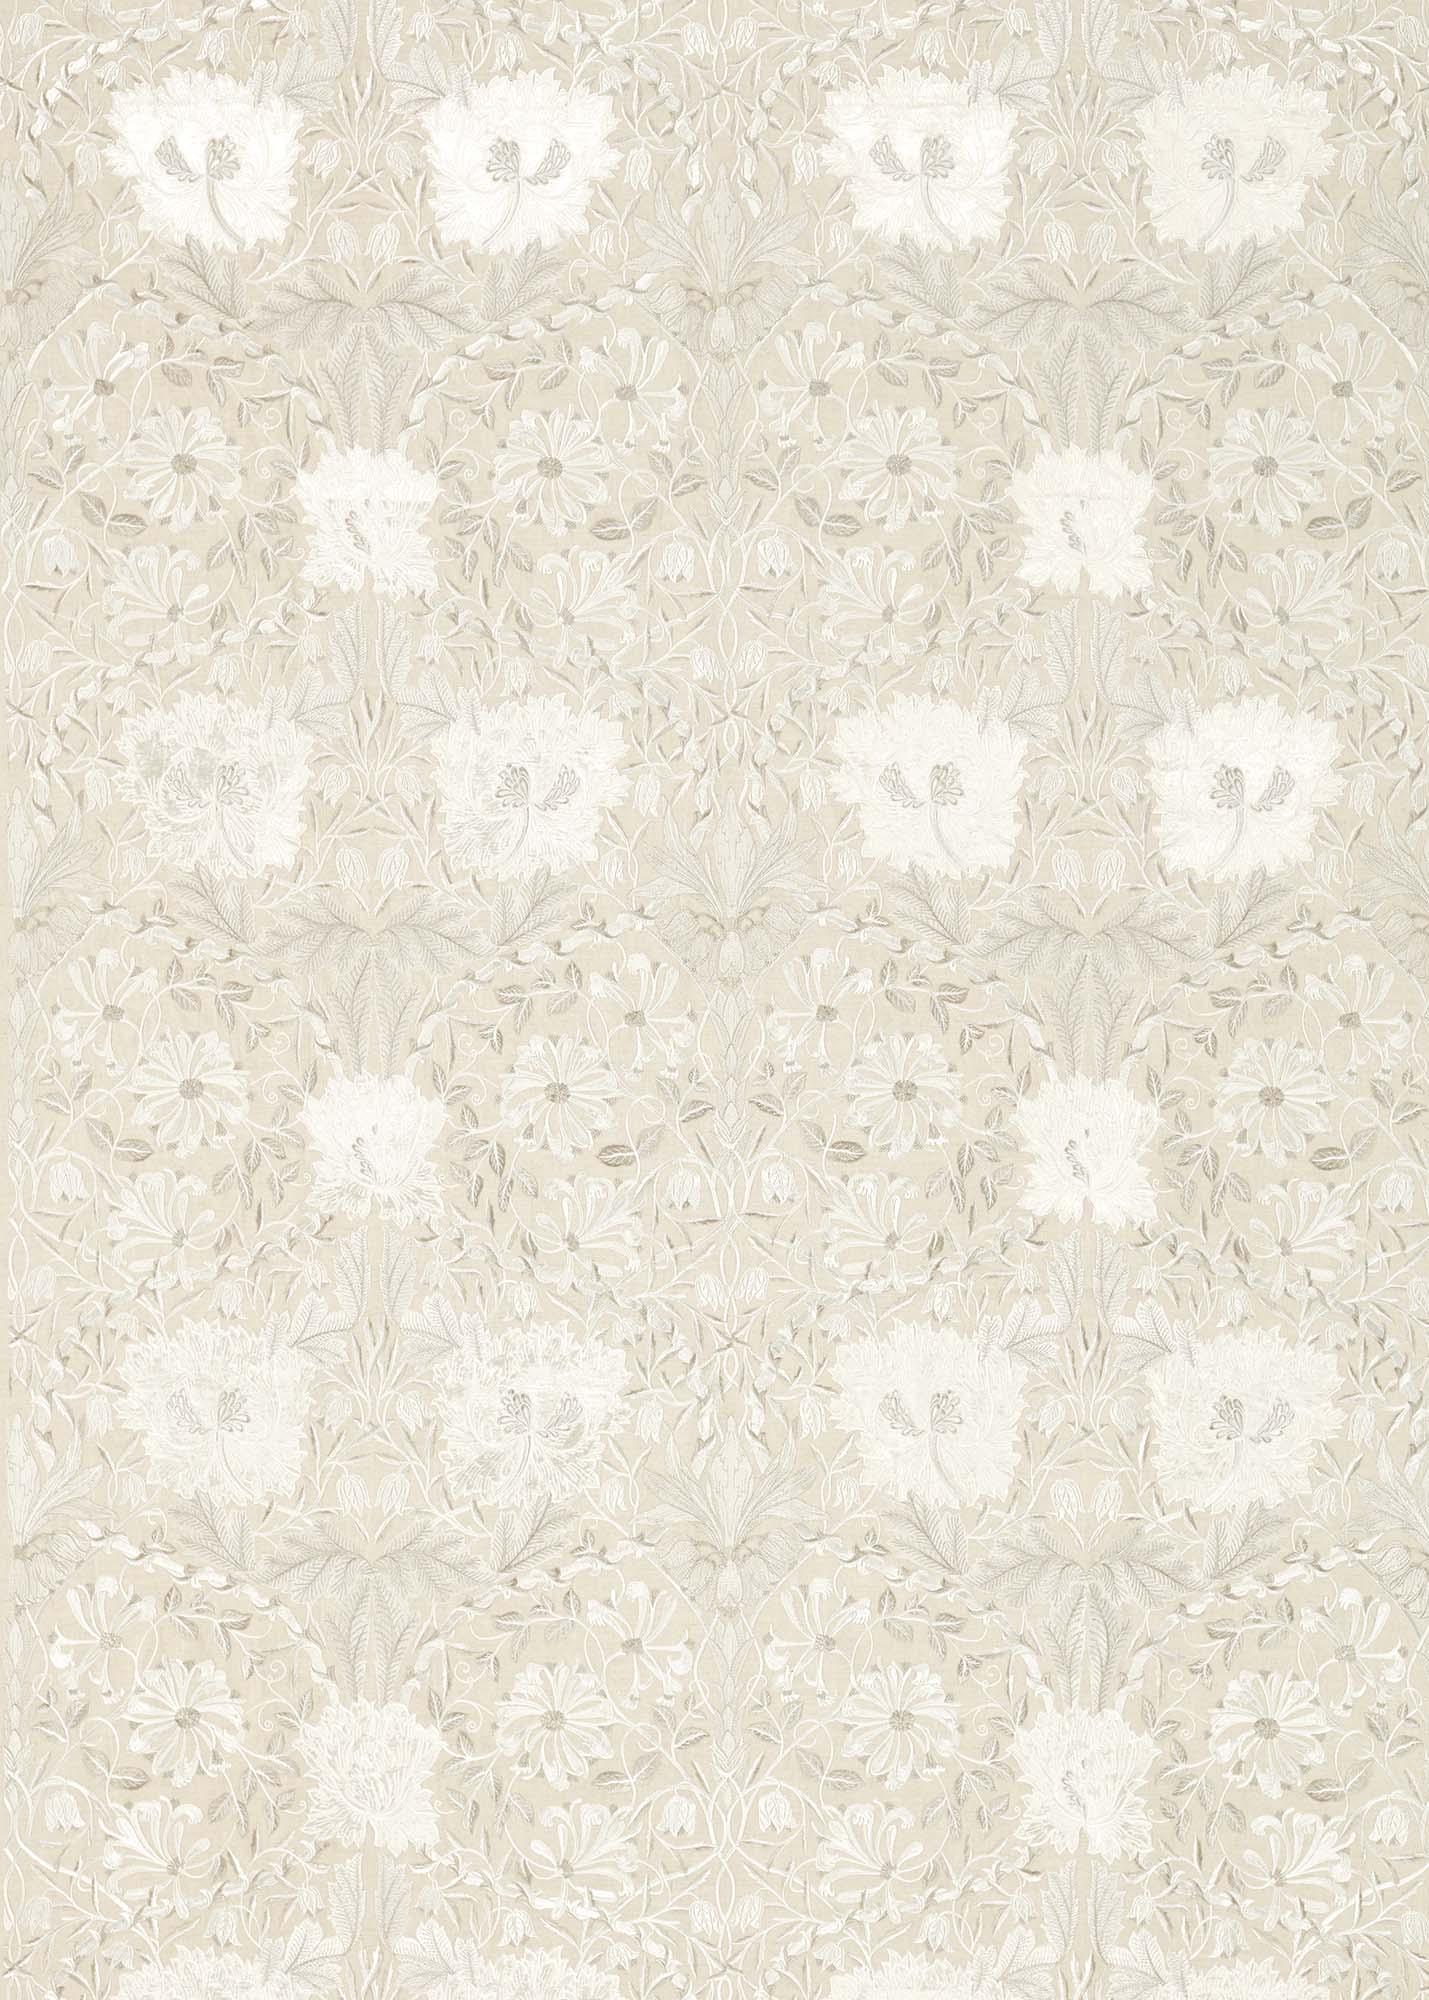 ウィリアムモリス生地 Pure Honeysuckle & Tulip Embroidery 236633